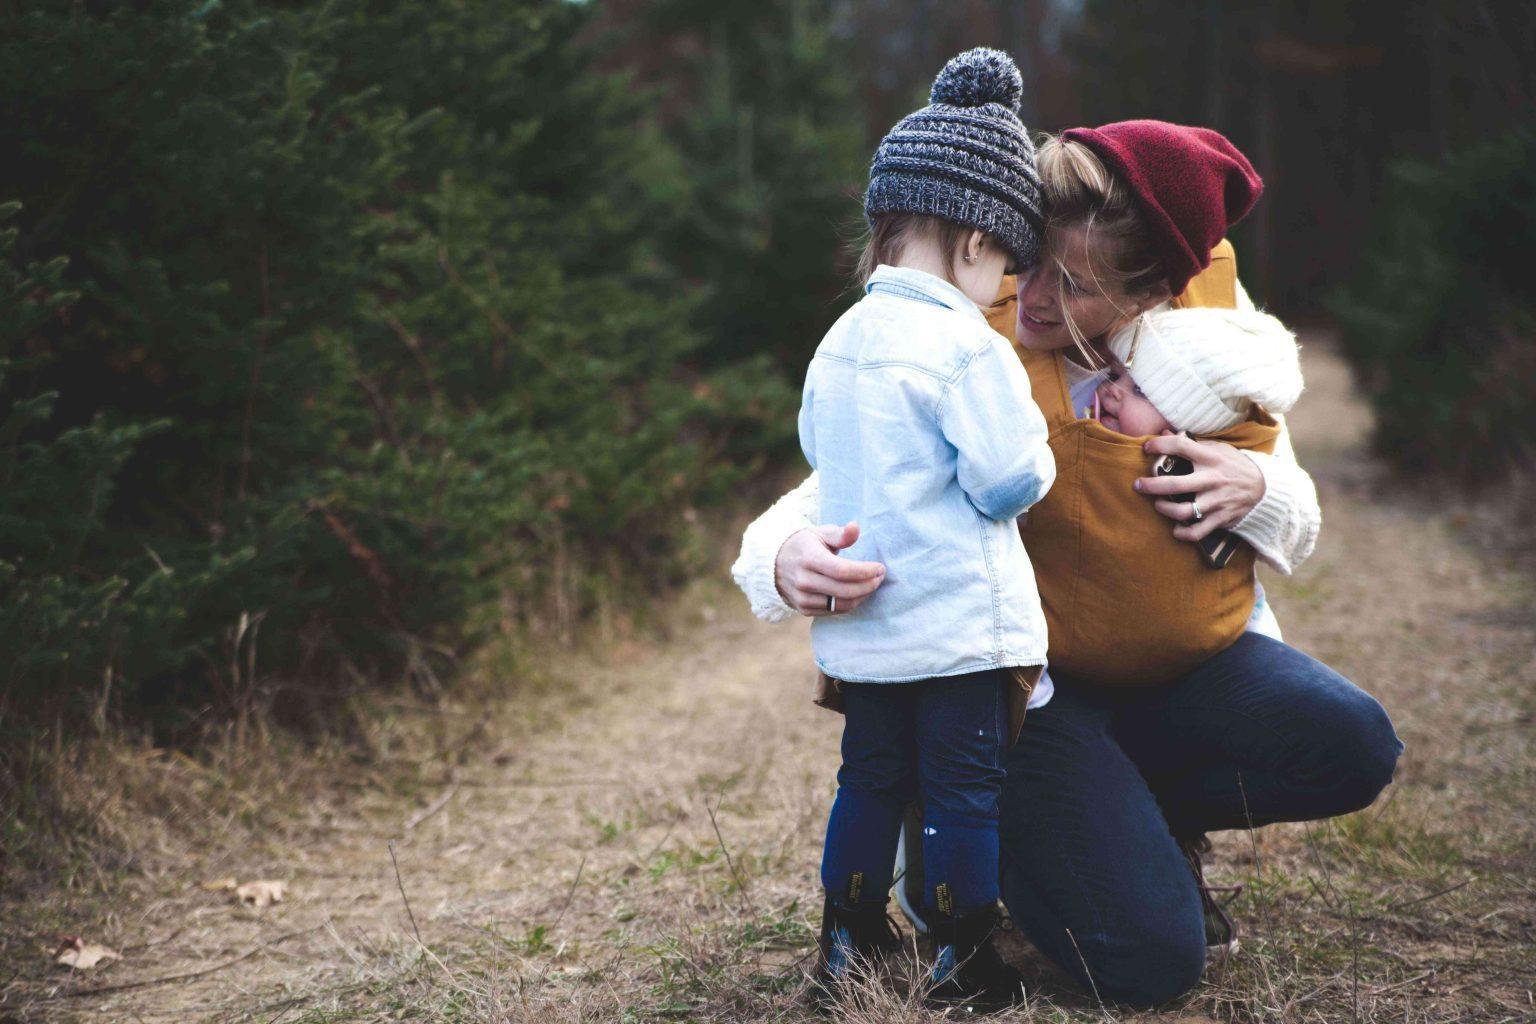 single-mom-in-debt